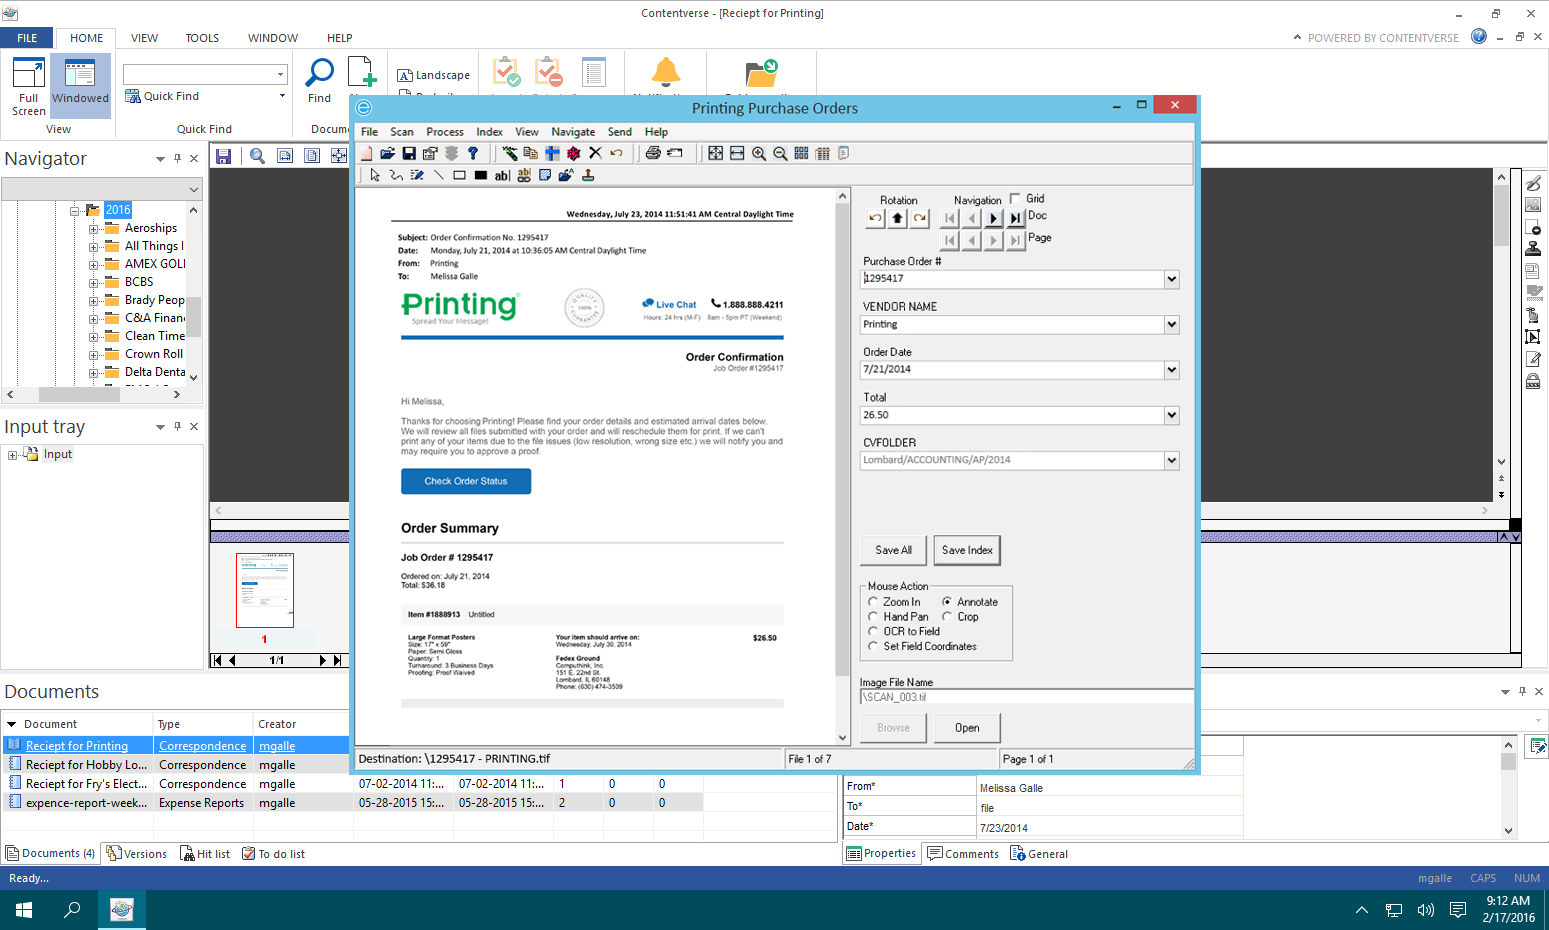 Contentverse Demo - Contentverse-Screenshot-EasyIndex.png